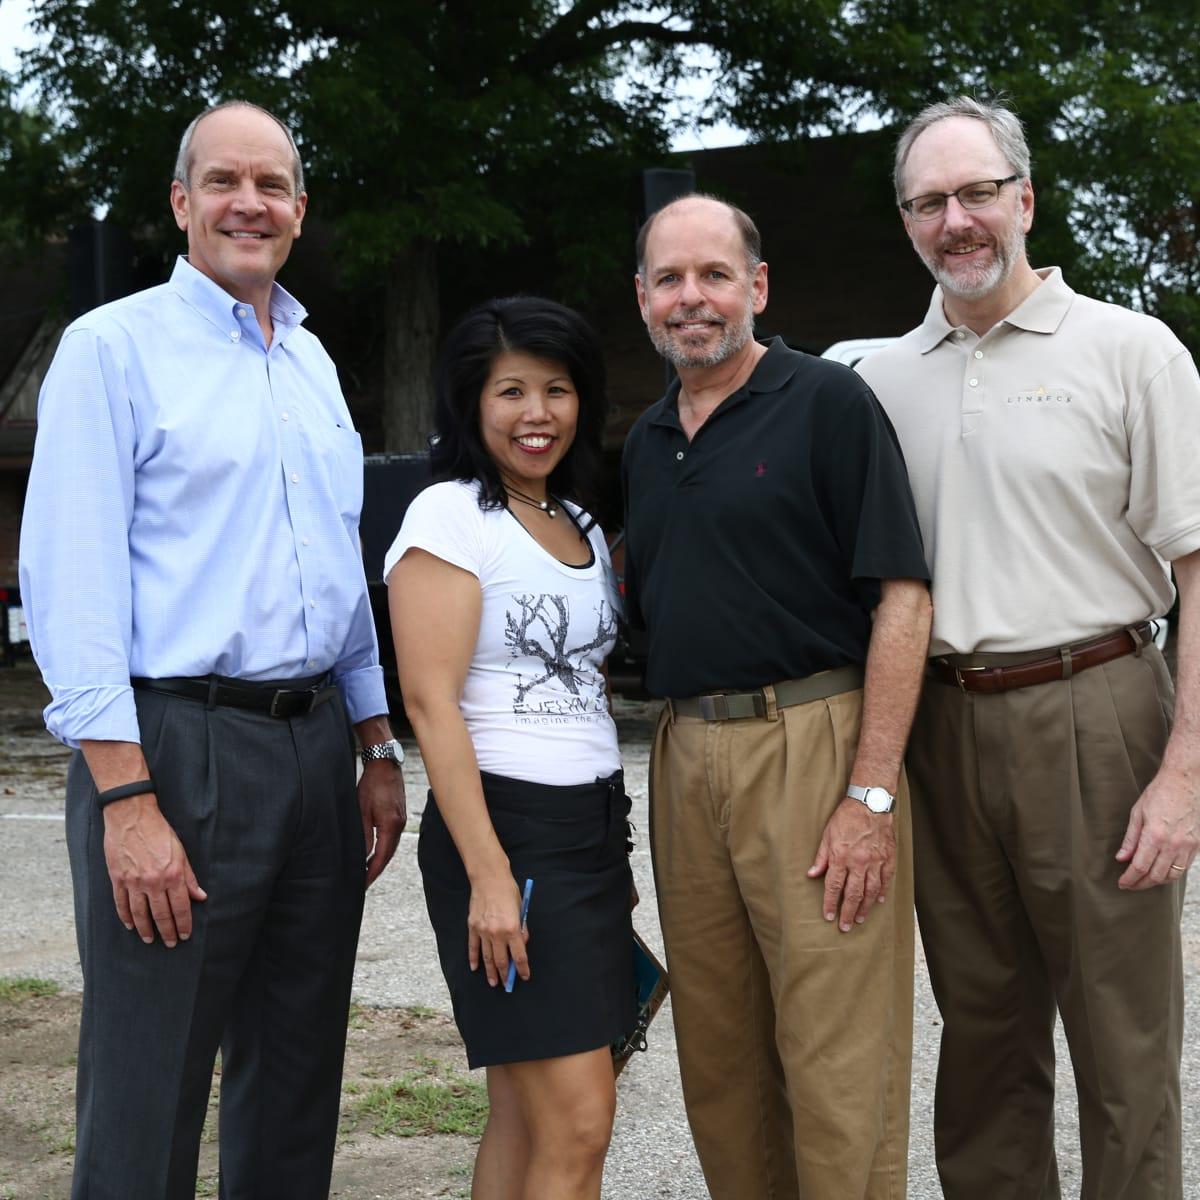 News, Shelby, Evelyn's Park groundbreaking, June 2015, David Stueckler, Patricia Ritter King, John Gabriel,Tom Butler